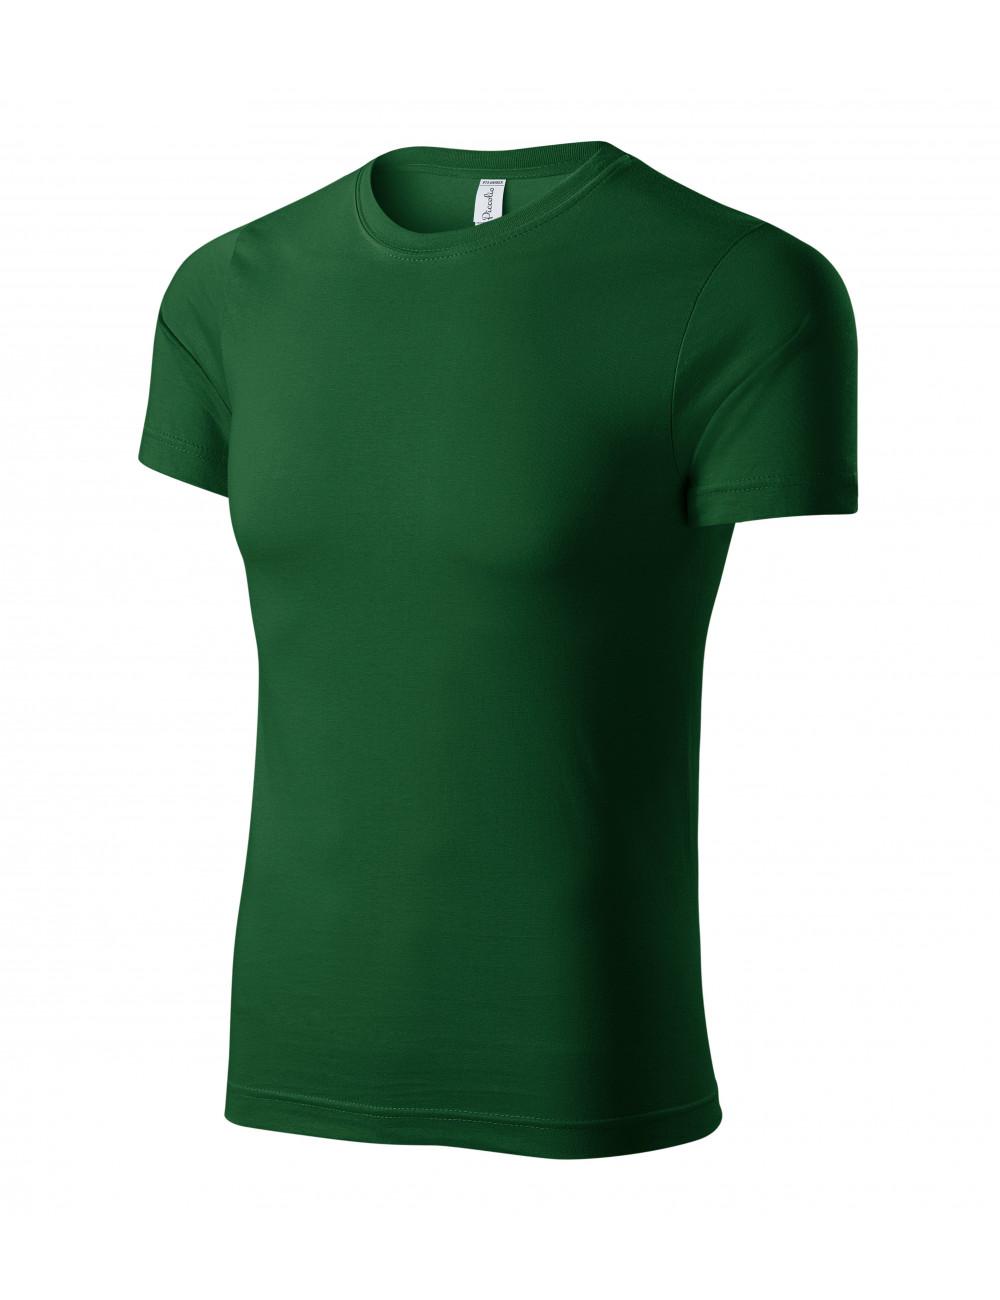 Adler PICCOLIO Koszulka unisex Paint P73 zieleń butelkowa